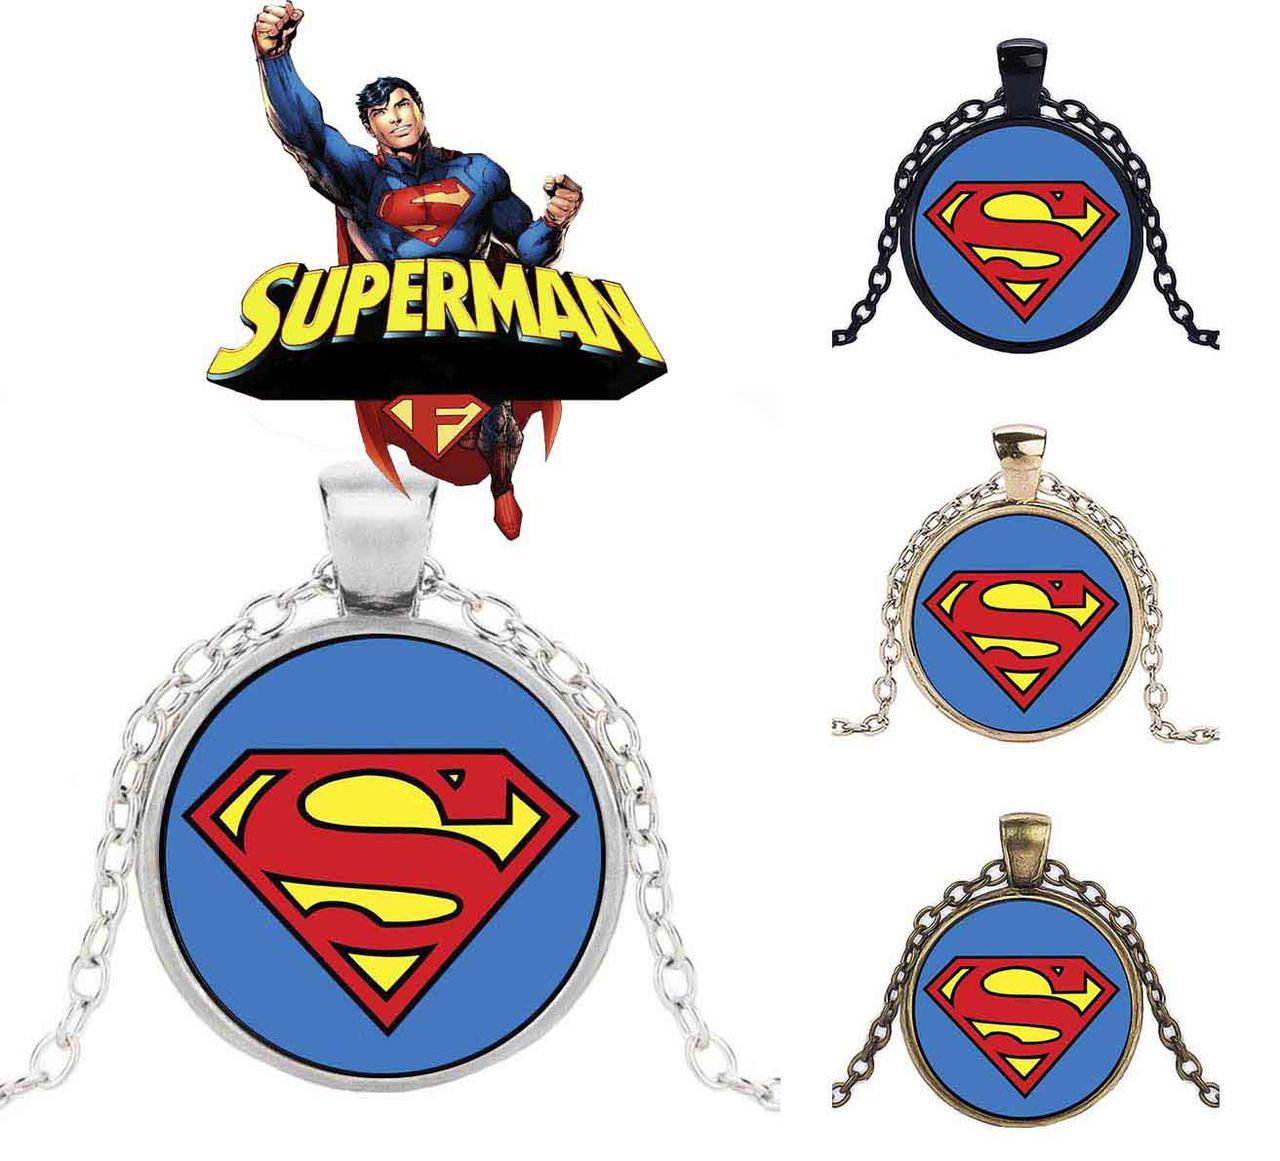 Кулон с изображением логотипа супергероя Супермена DC комиксы